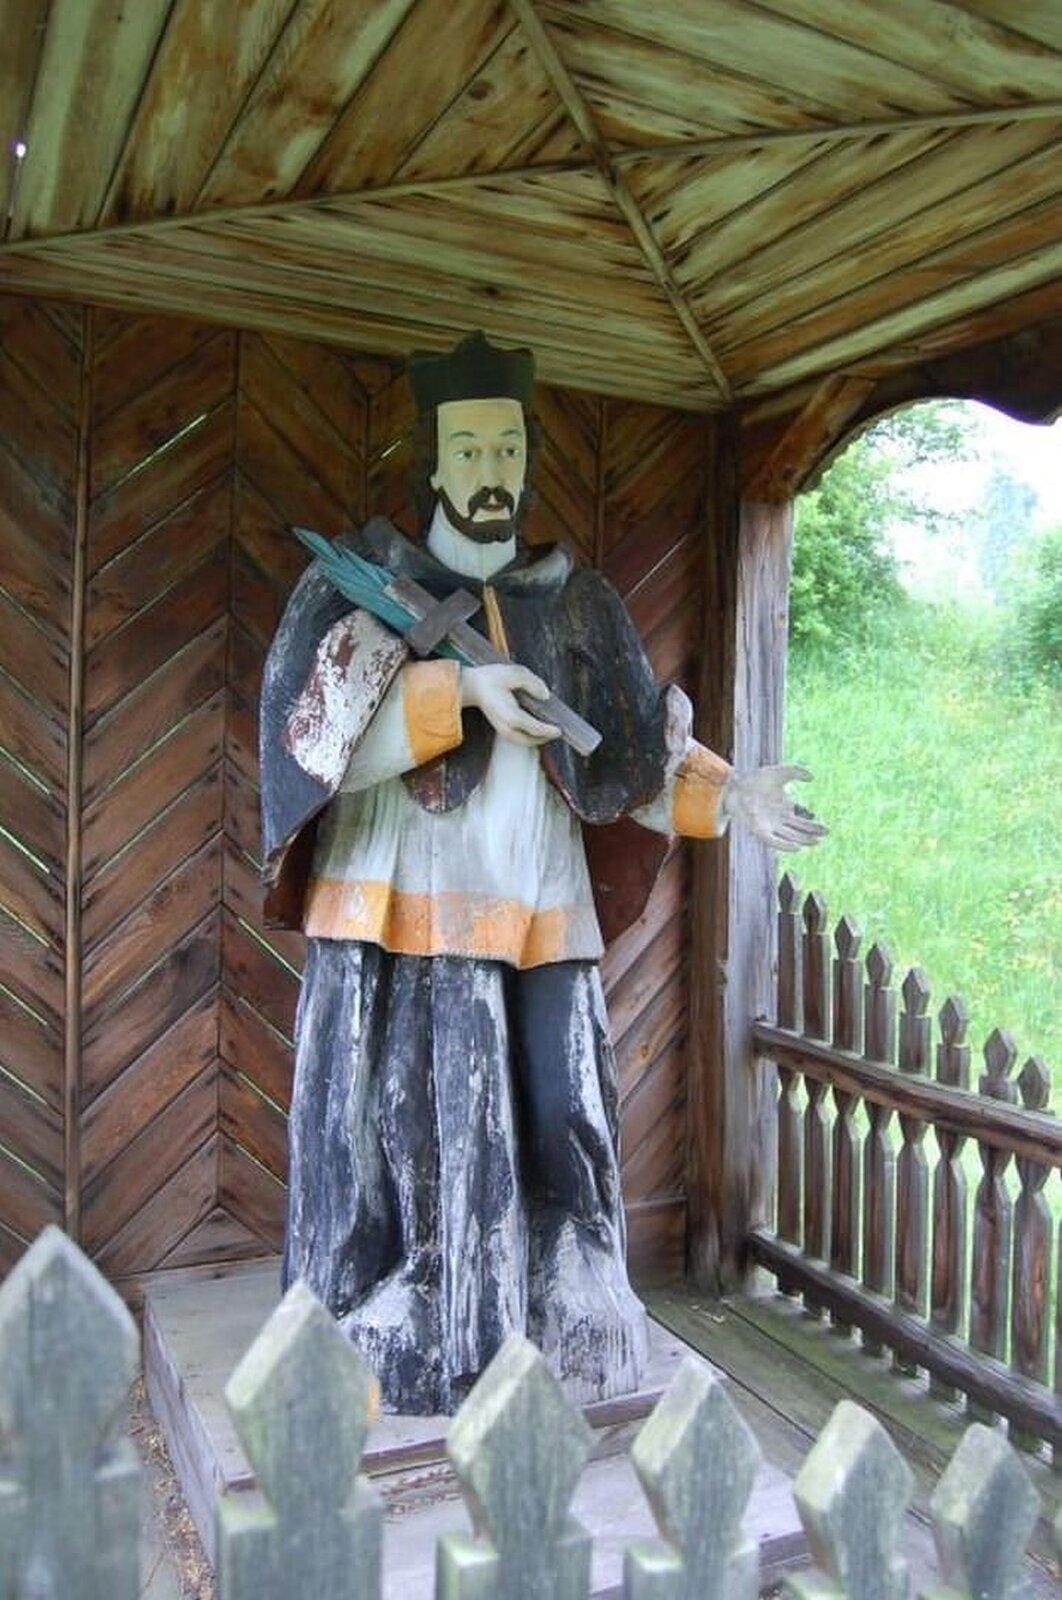 Ilustracja przedstawia figurę świętego Jana Nepomucena. Wdłoni trzyma krzyż ipalmę. Mężczyzna na głowie ma czarny biret. Brodaty mężczyzna ubrany jest wbiałą komżę oraz czarną sutannę. Figura umiejscowiona jest wdrewnianej kapliczce, otoczonej małym płotem.